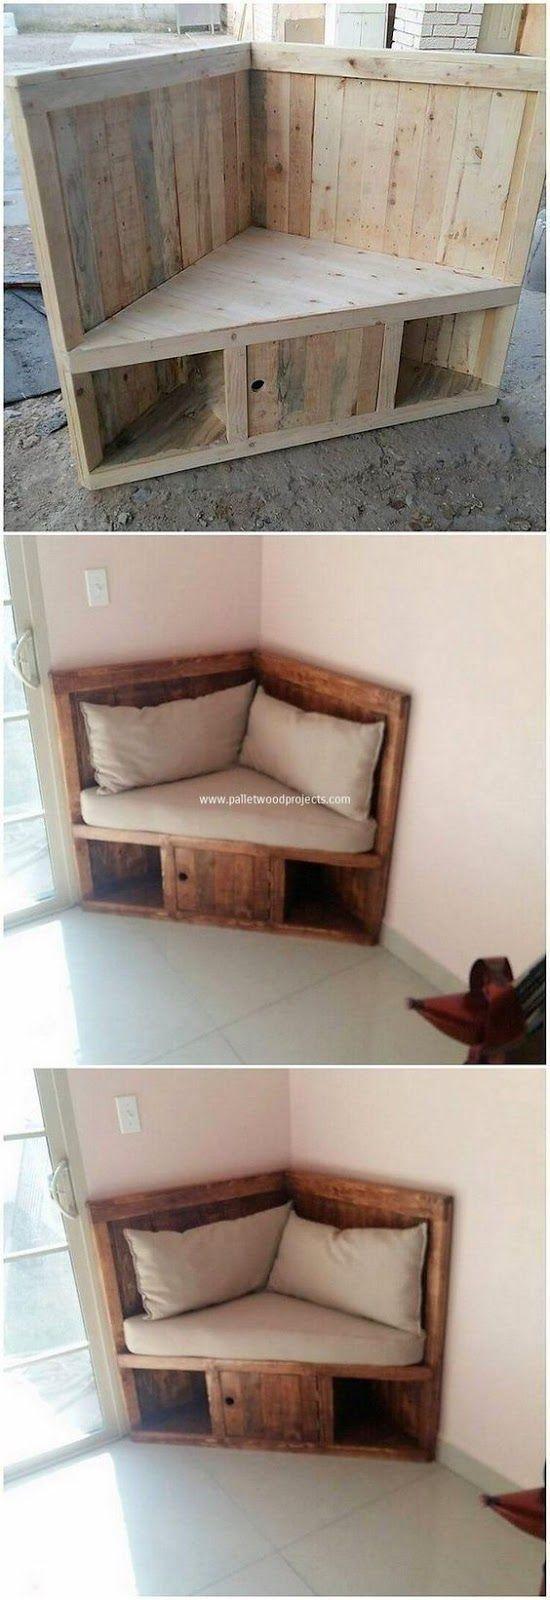 84 Diy Home Decor On A Budget Apartment Ideas | Diy Home Decor | Diy